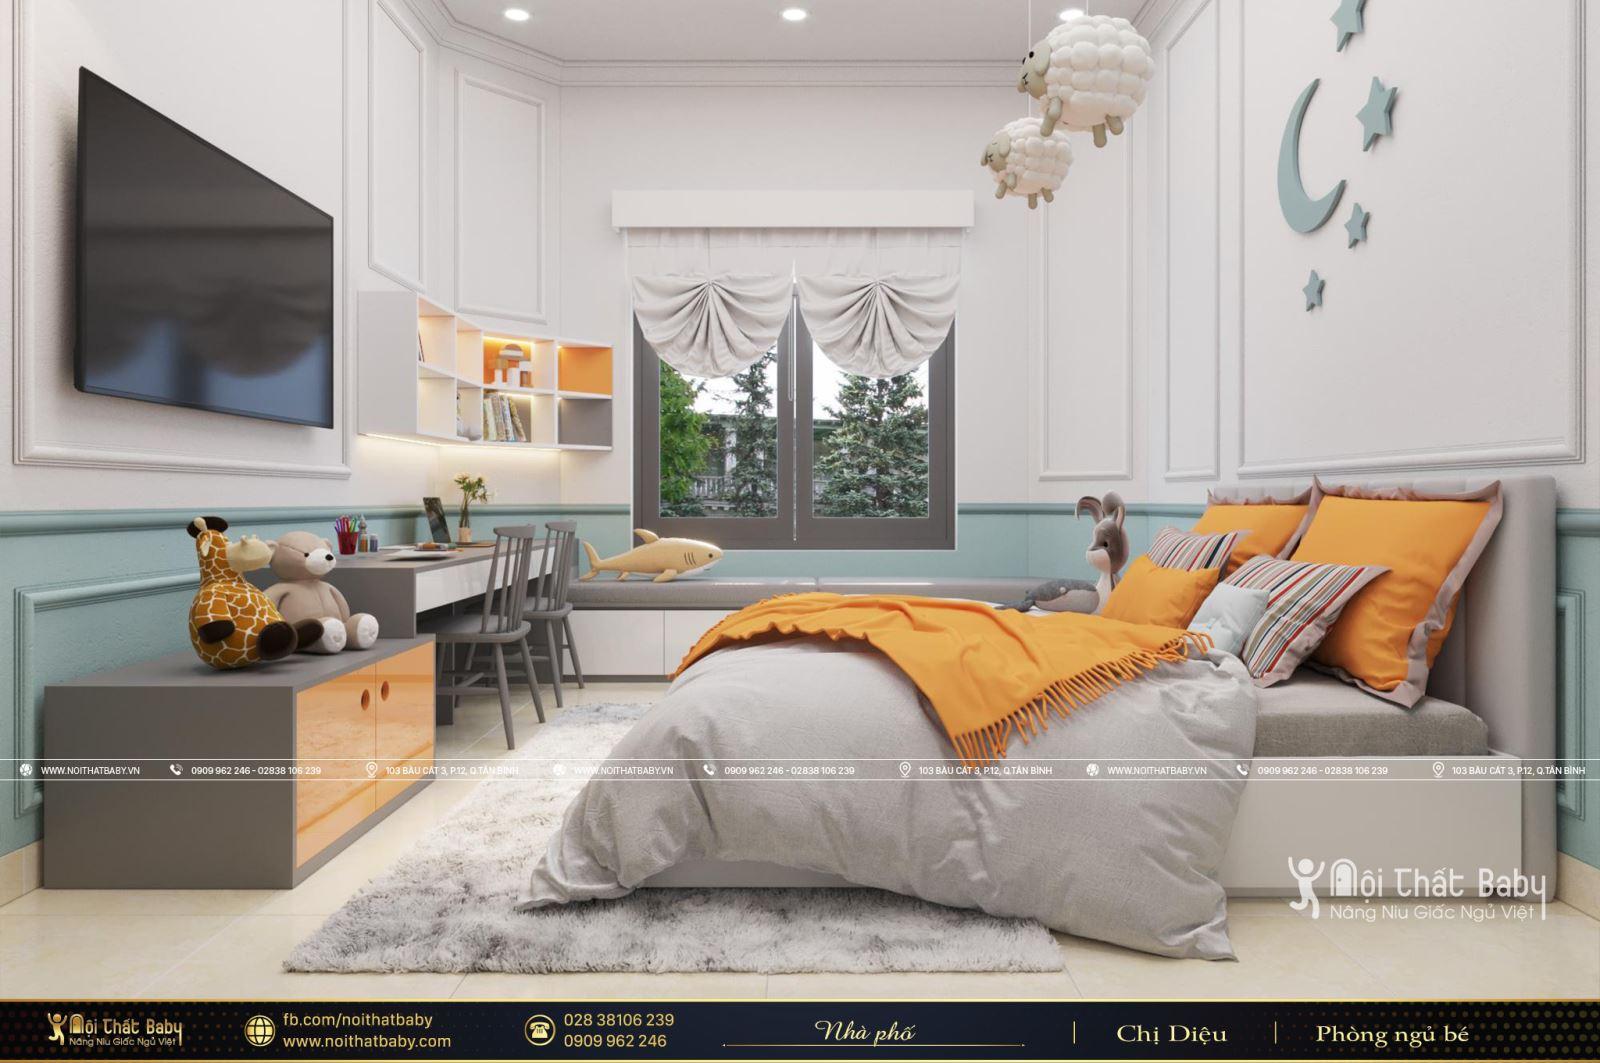 Thiết kế nội thất phòng ngủ bé trai hiện đại tại Vĩnh Long